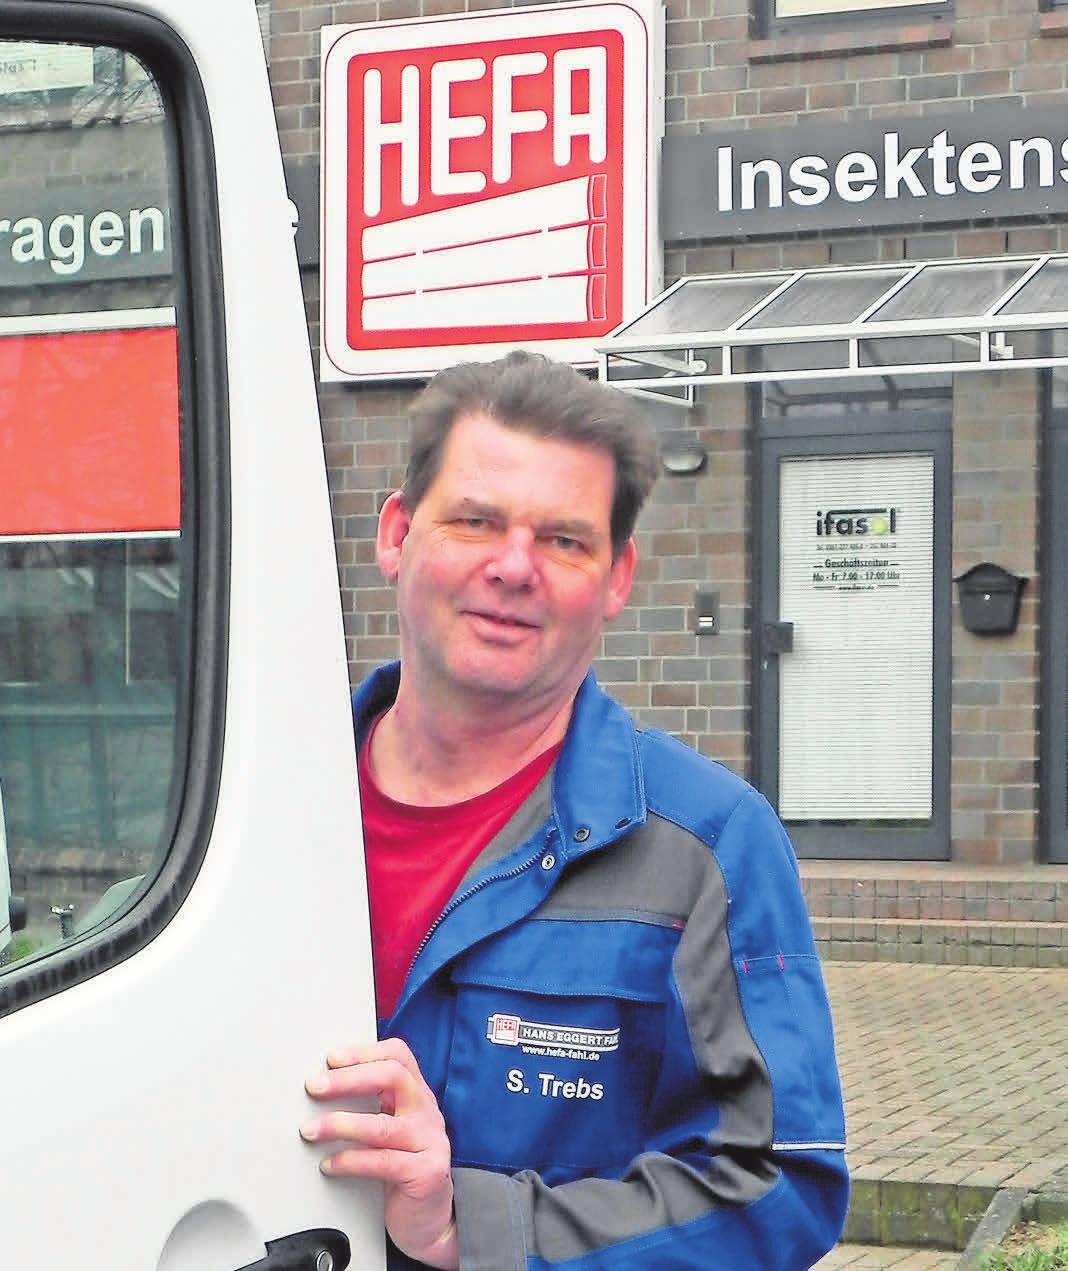 Stephan Trebs, Monteur bei HEFA, arbeitet seit über 20 Jahren hier. F: KRW